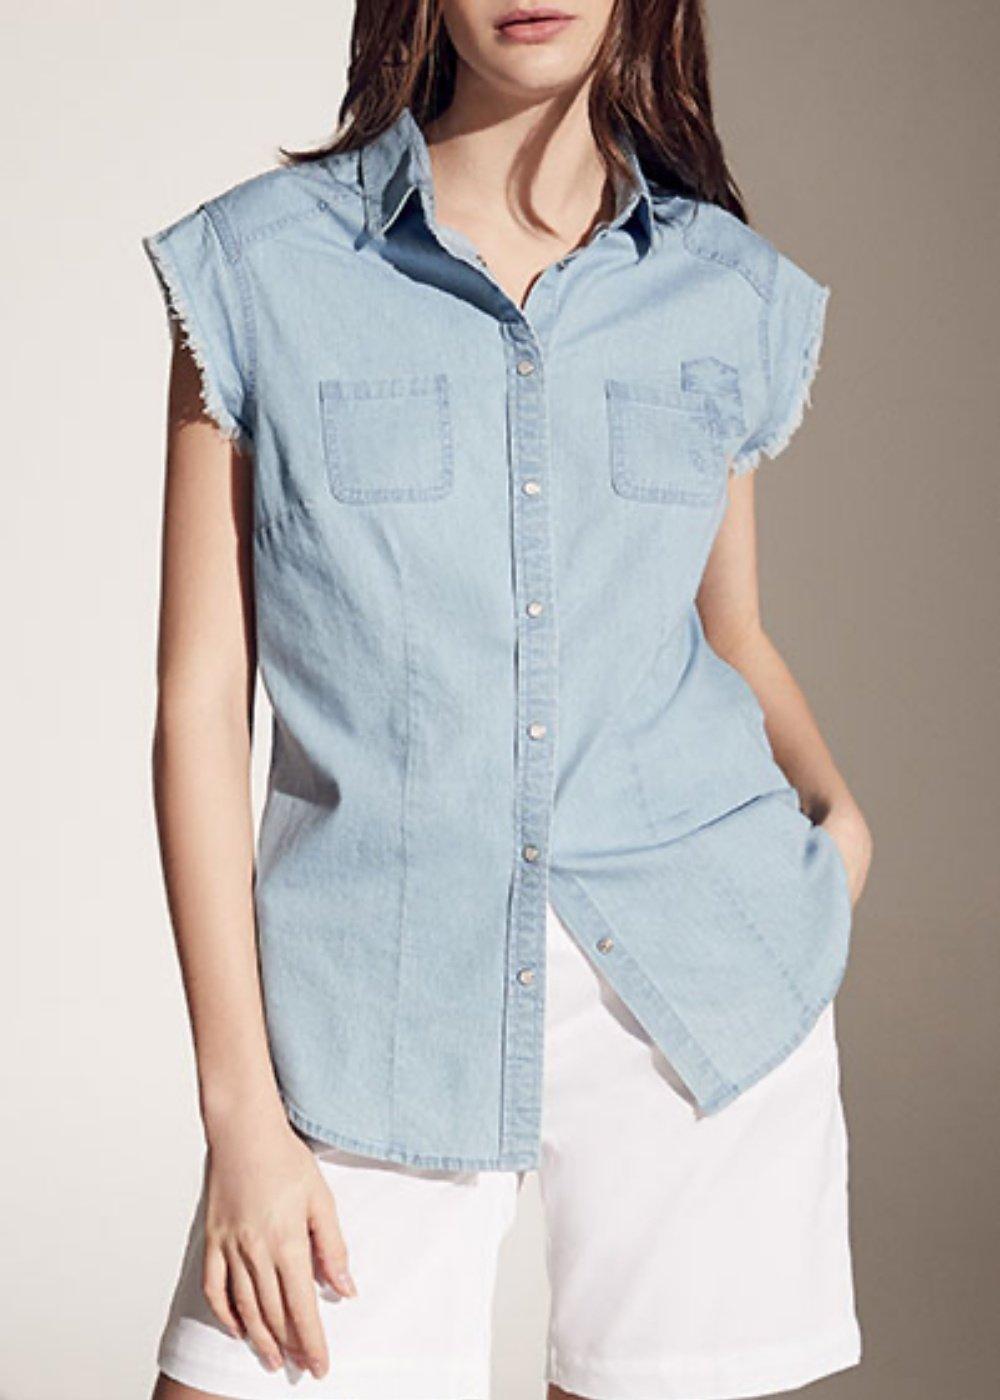 Candye sleeveless denim shirt - Light Denim - Woman